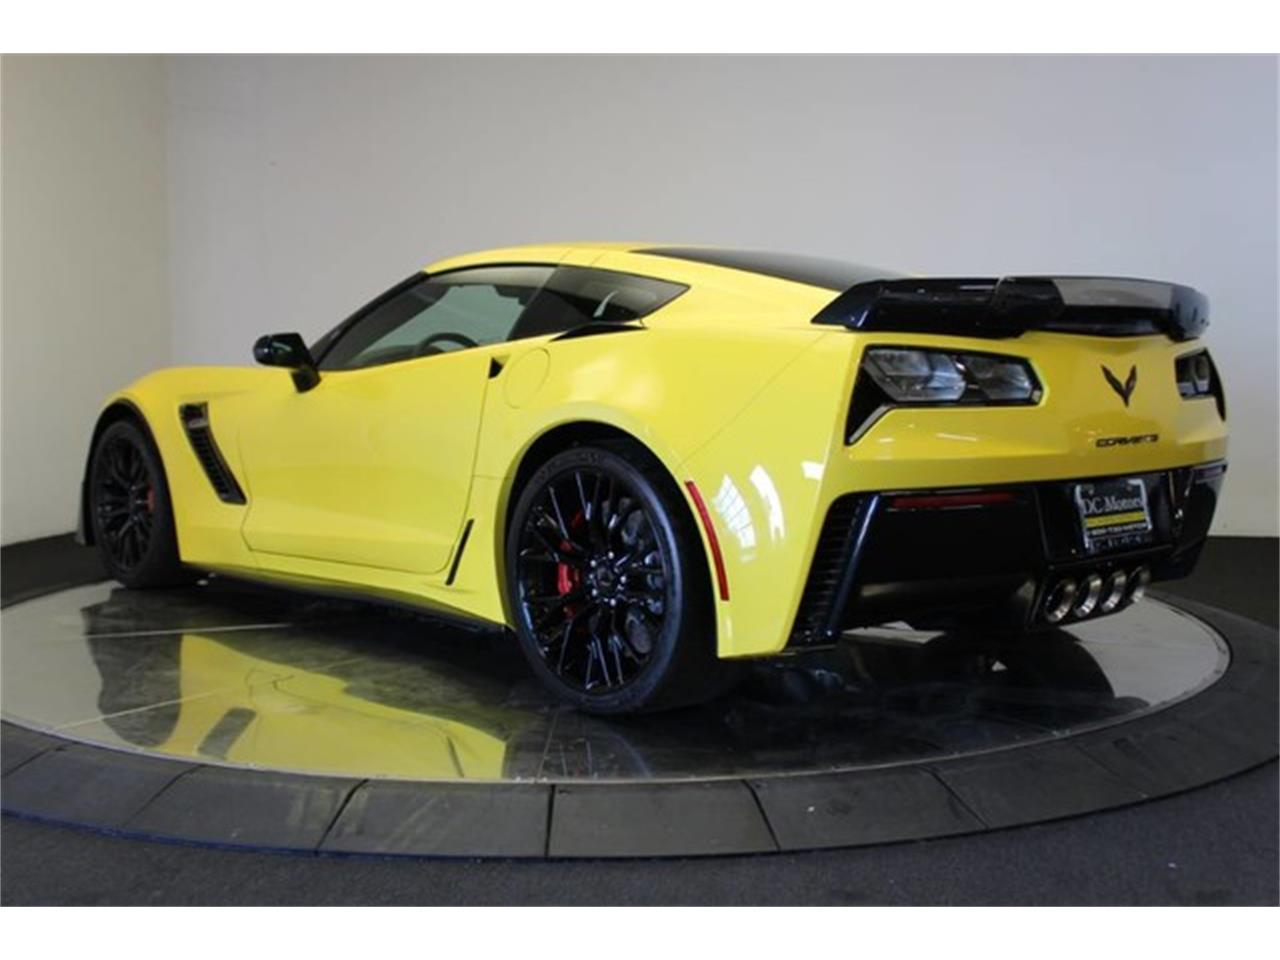 2019 Chevrolet Corvette (CC-1394216) for sale in Anaheim, California